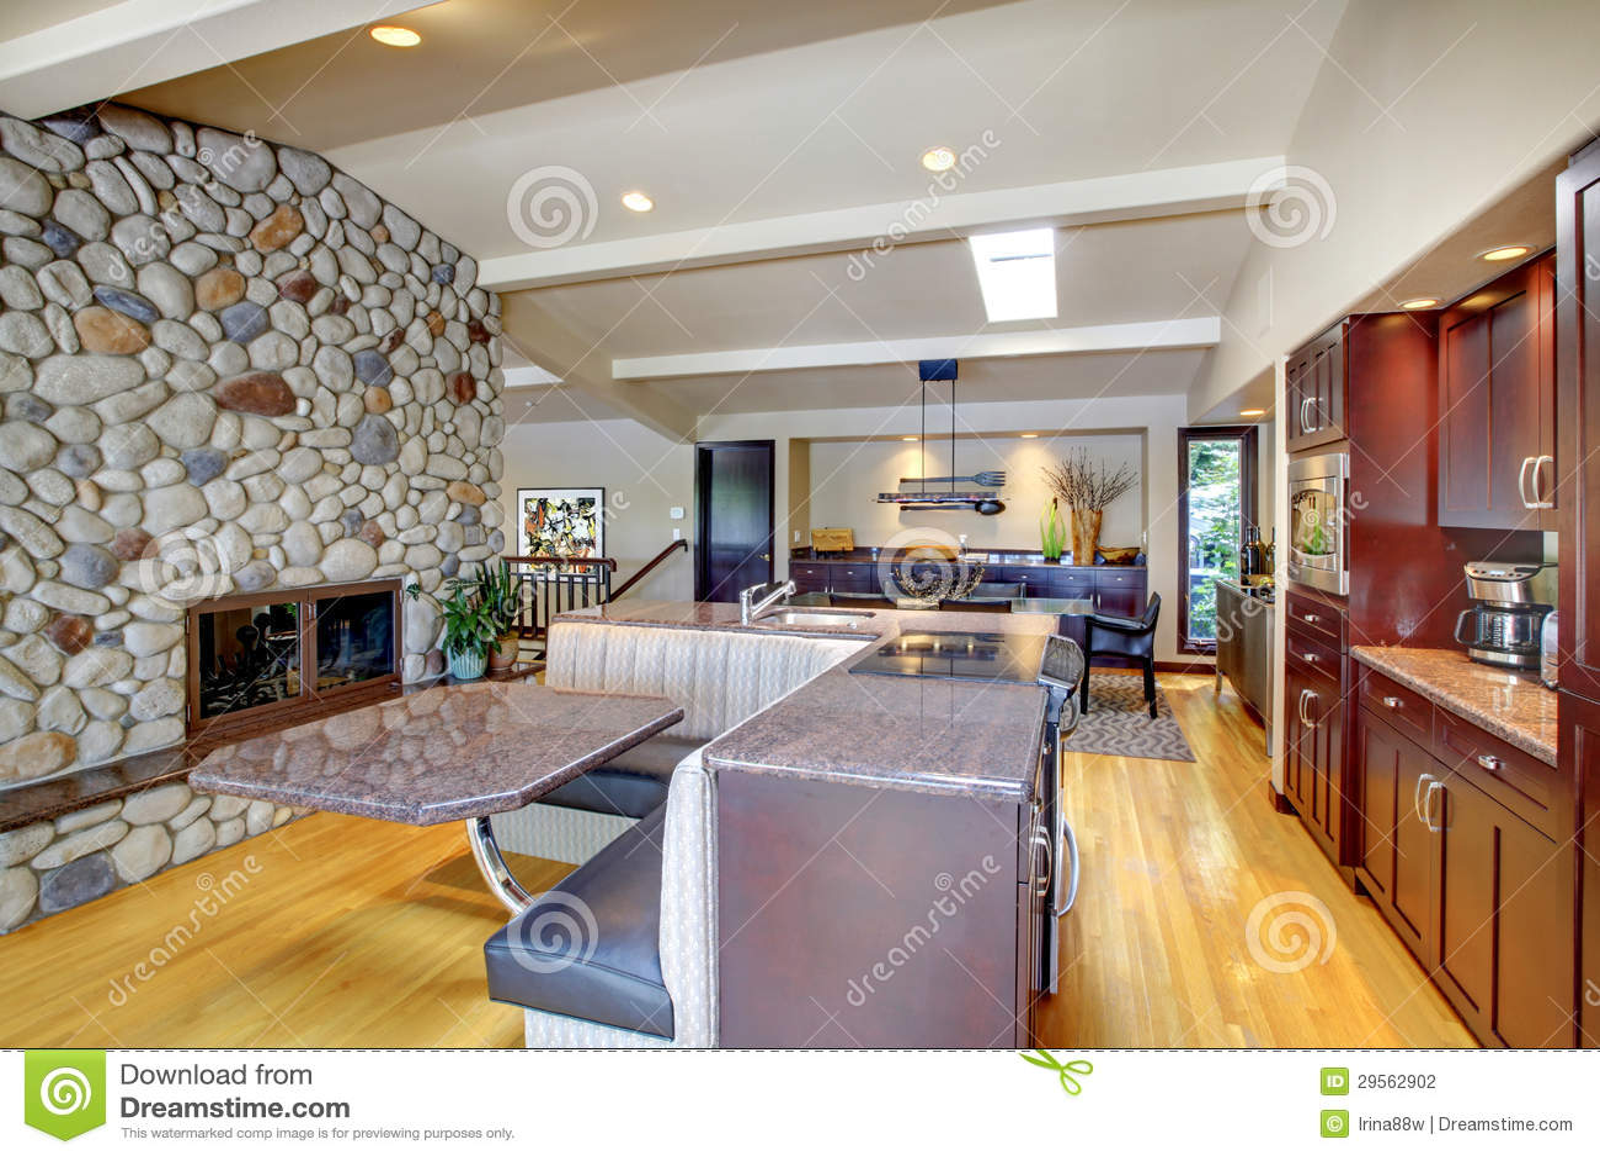 Cocina mohogany de lujo con muebles modernos y la chimenea for Cocinas con chimenea